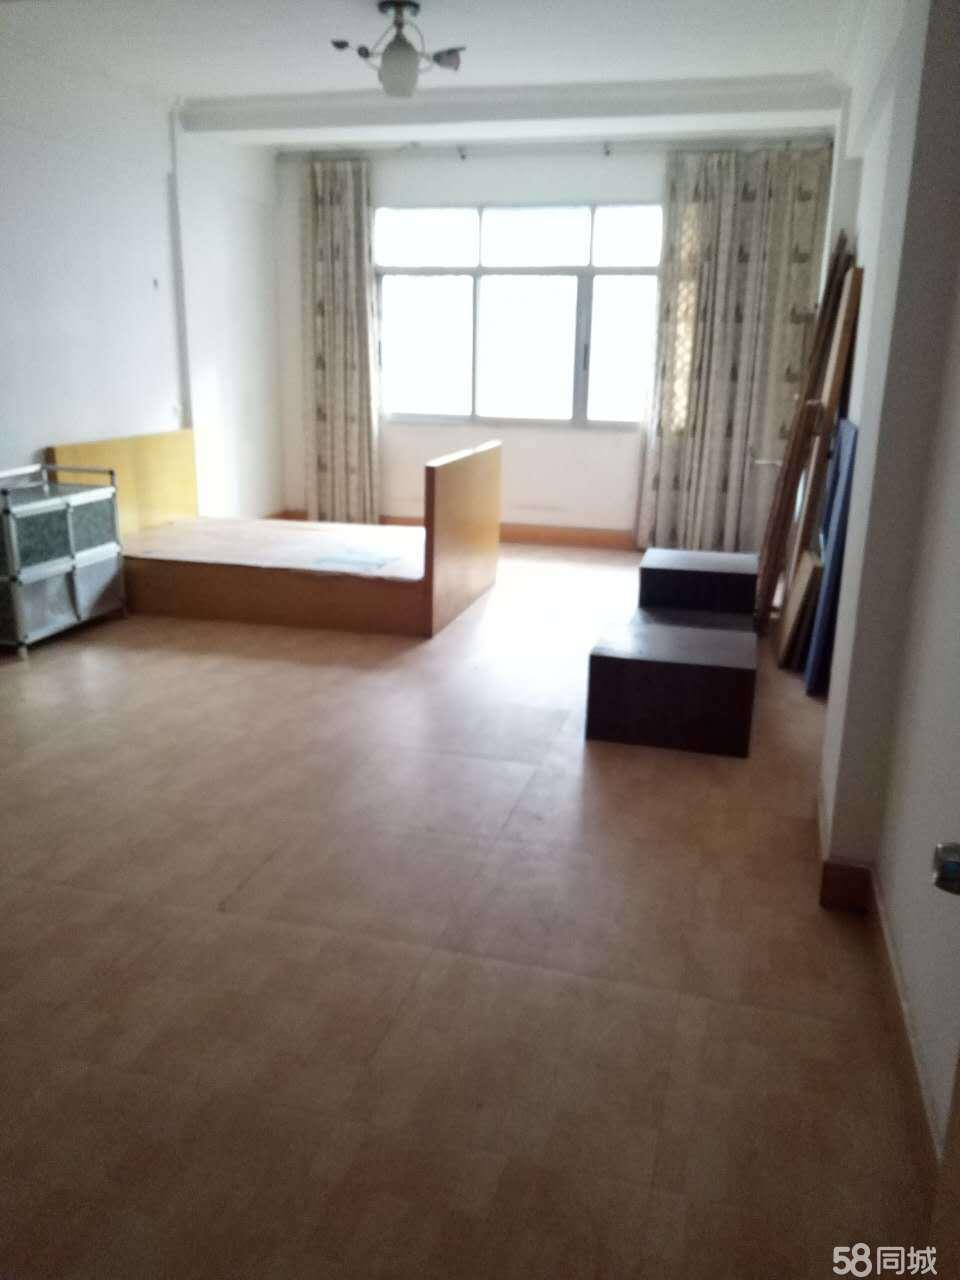 澳门拉斯维加斯娱乐澳门拉斯维加斯娱乐县烟草公3室2厅140平米简单装修面议